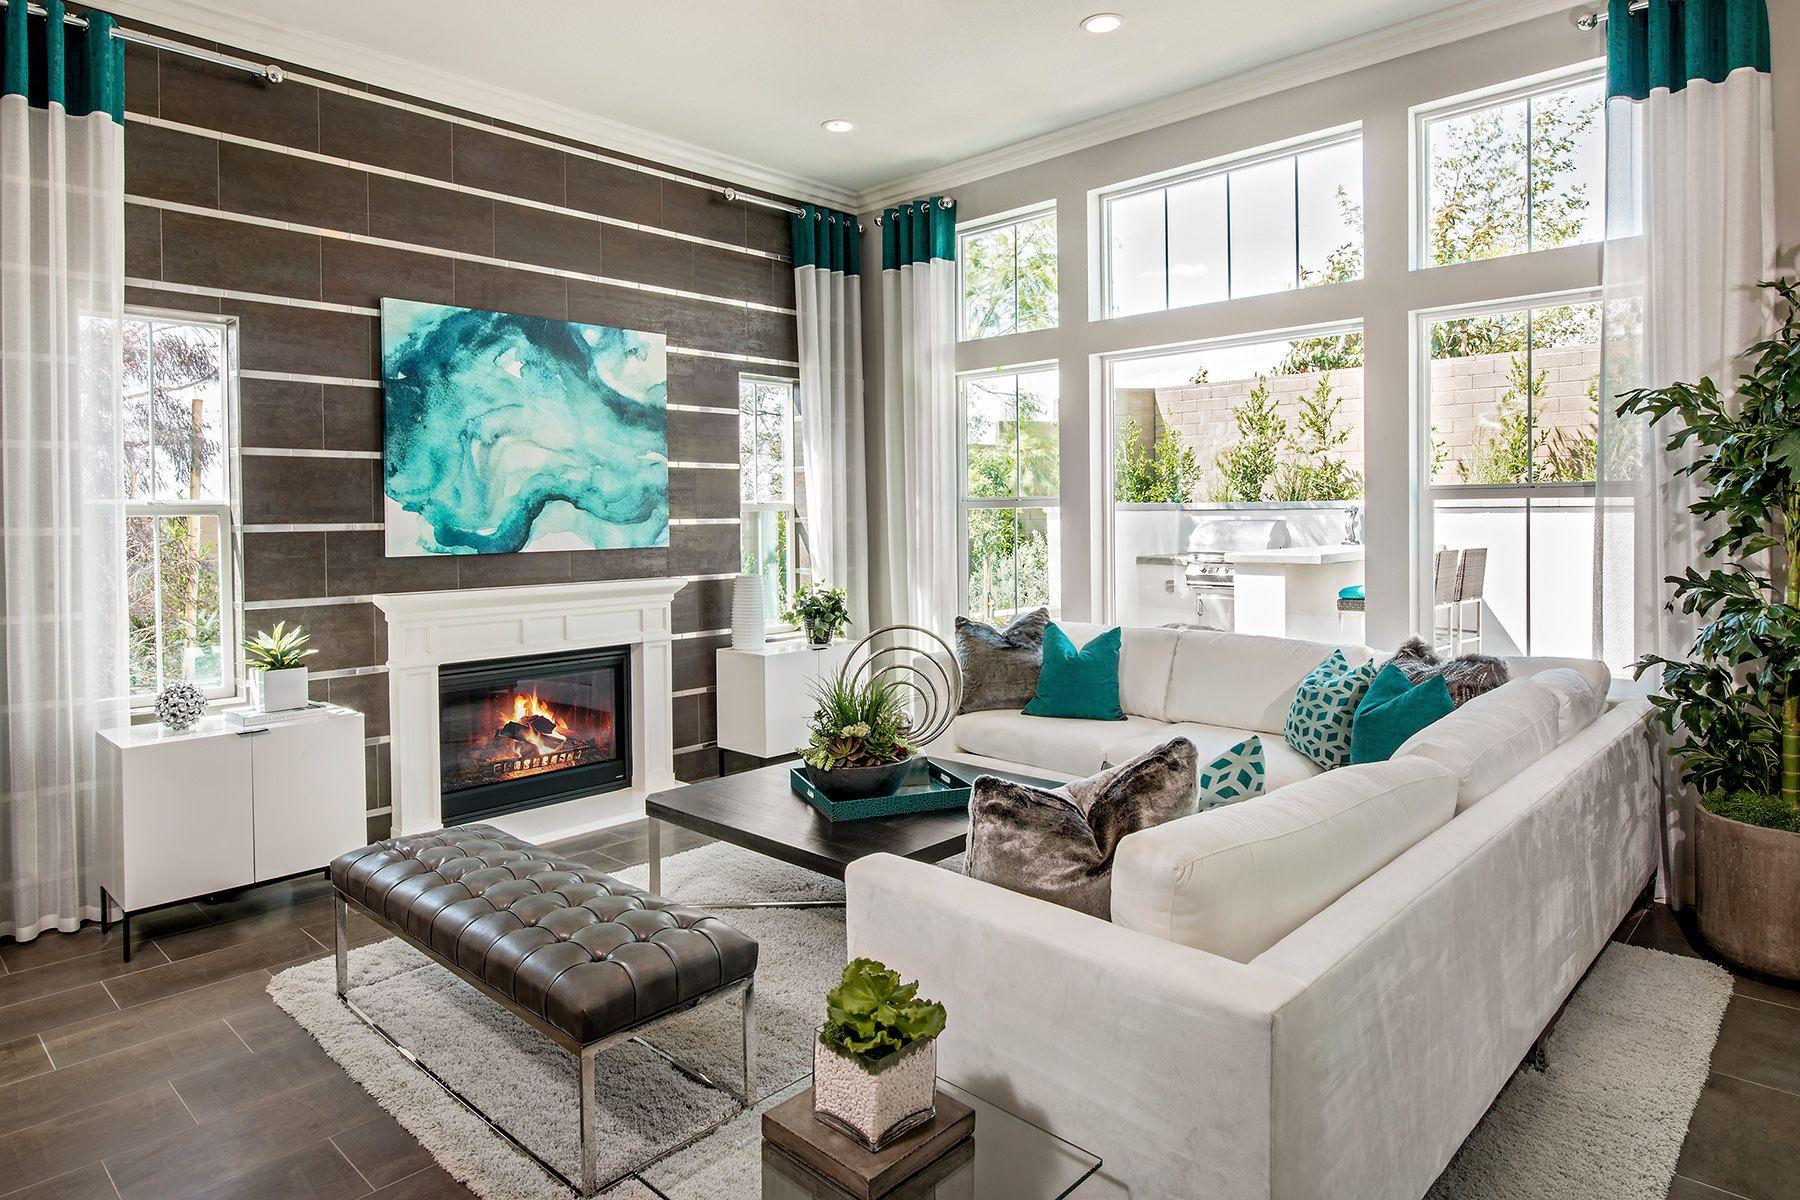 Ambrosia Interior Design Interior Design Interior Home Decor